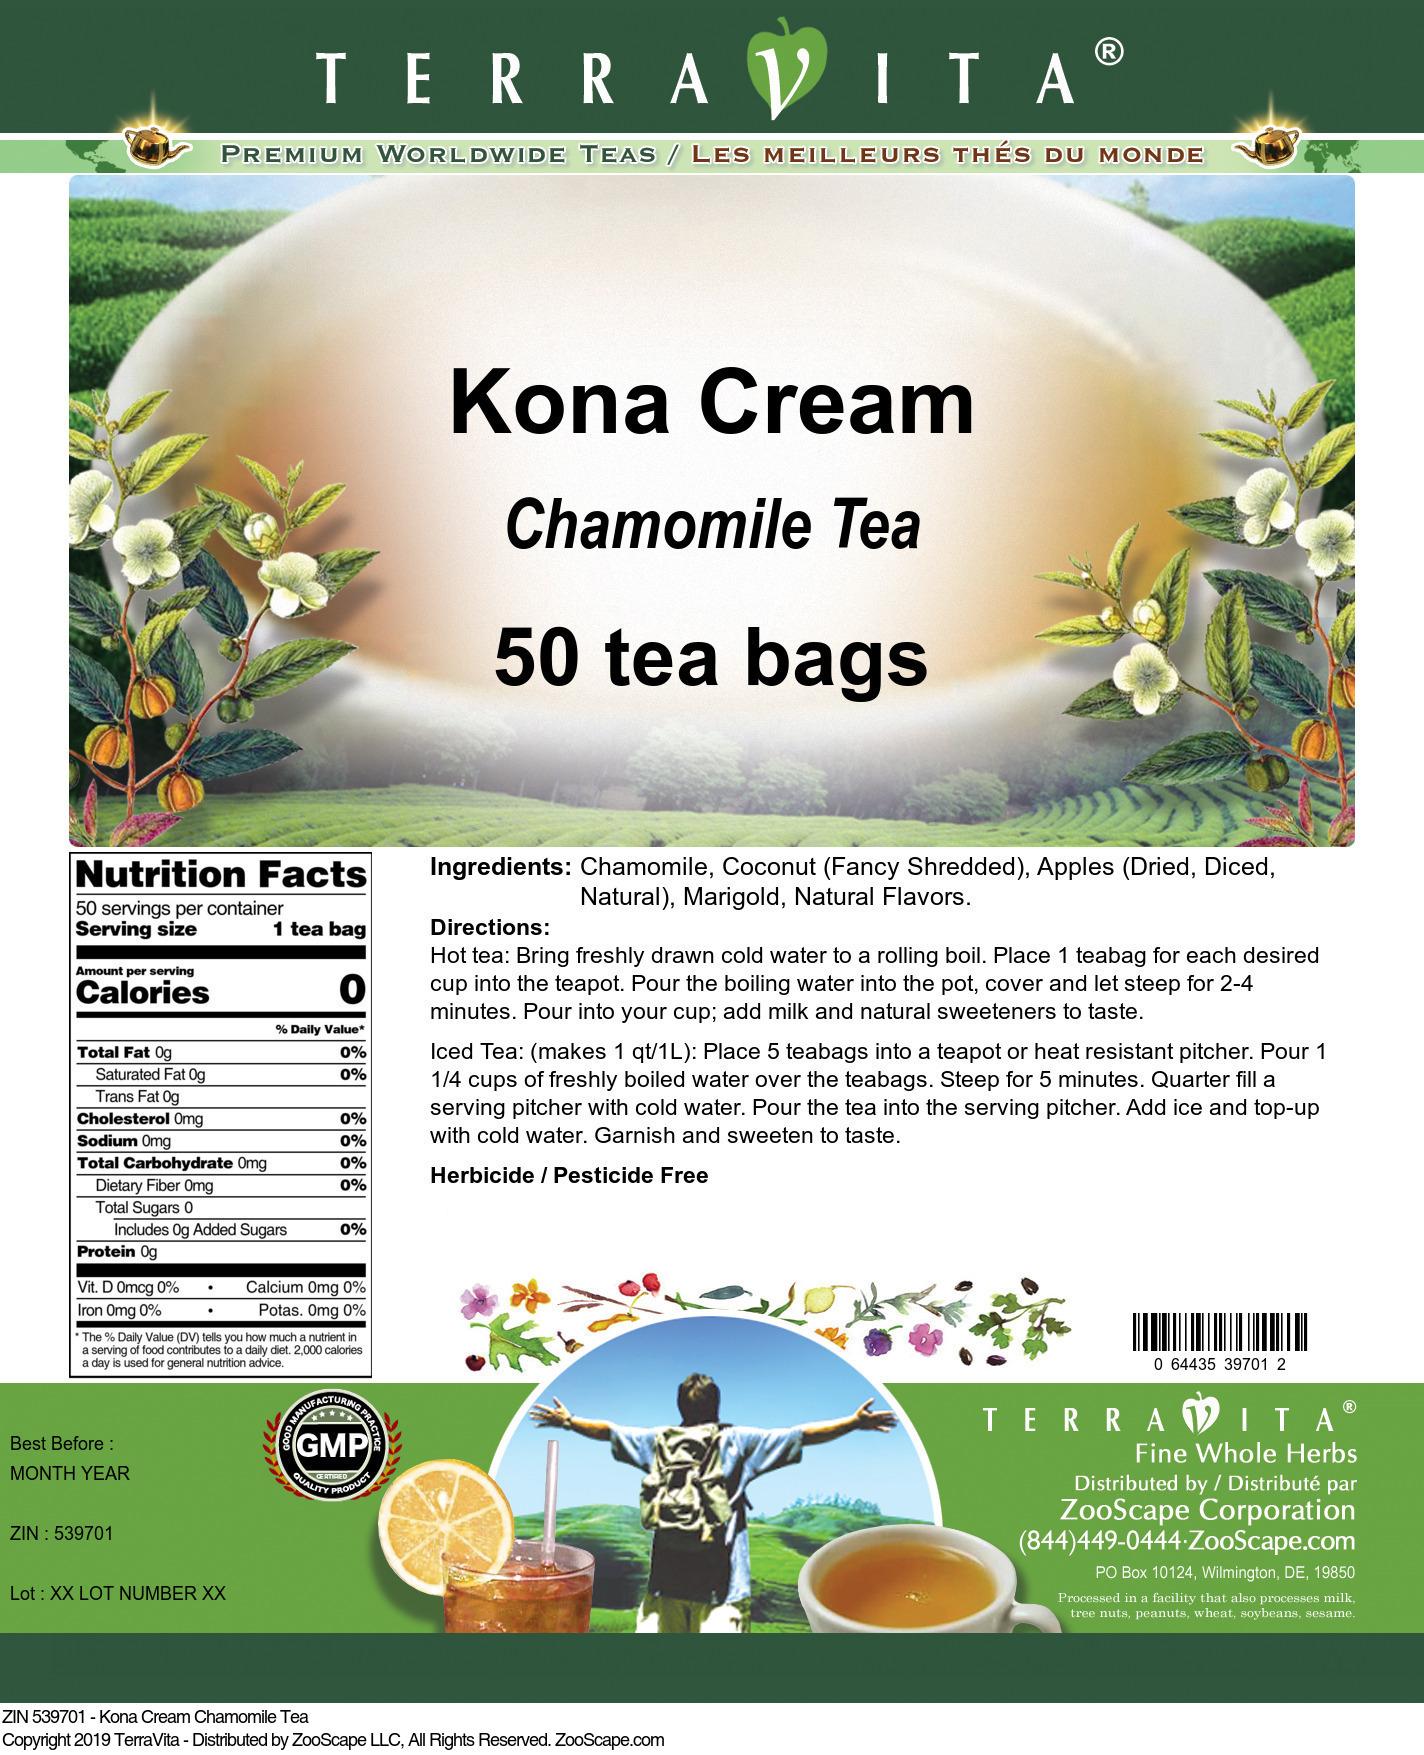 Kona Cream Chamomile Tea